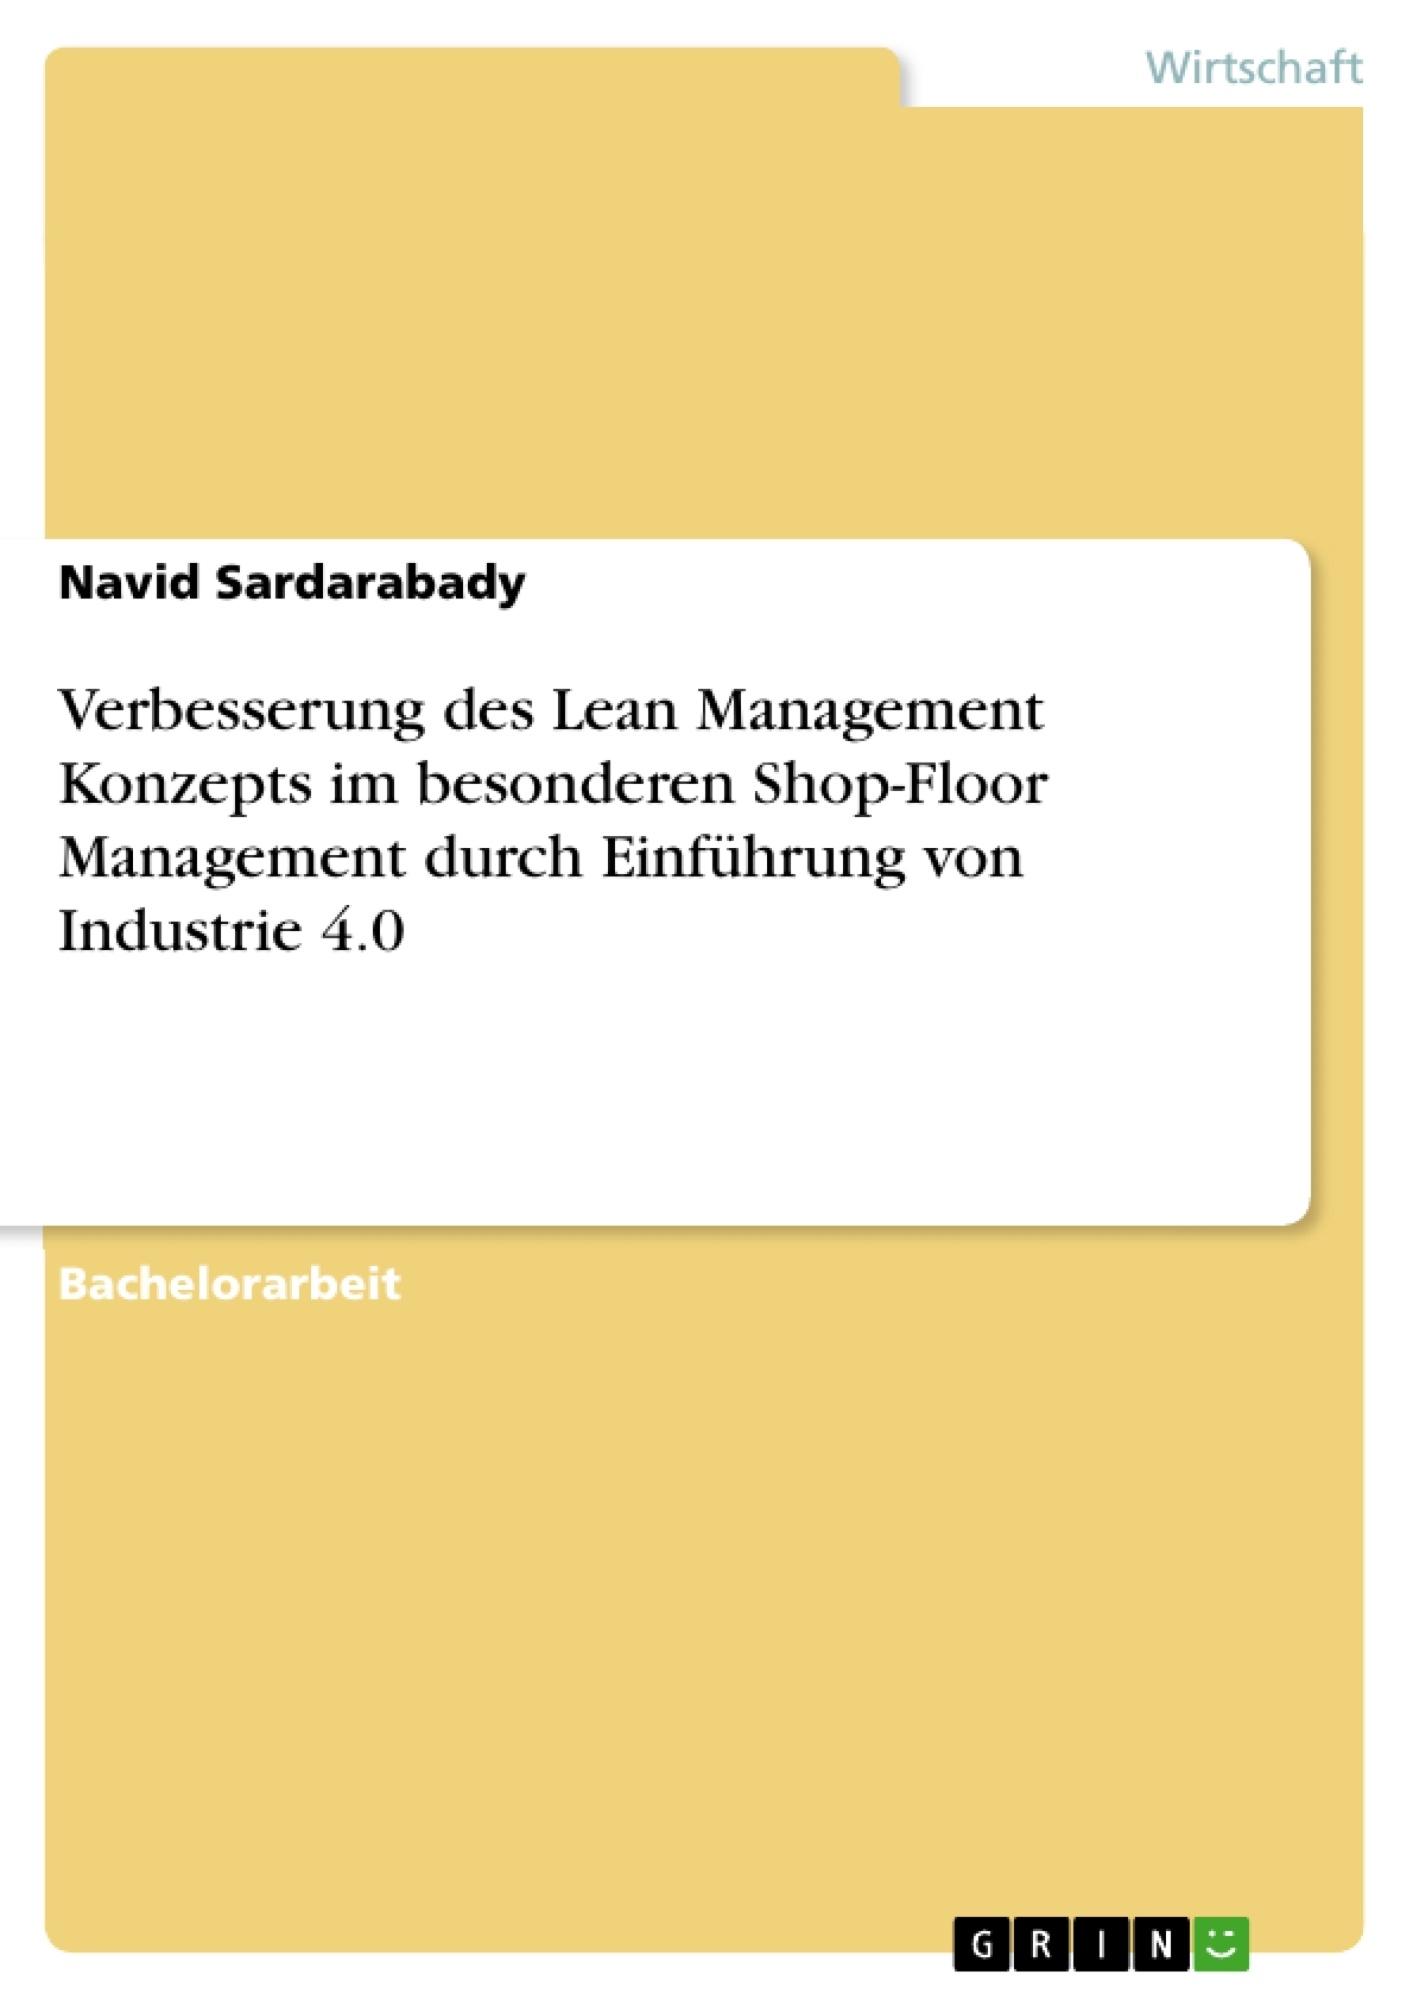 Titel: Verbesserung des Lean Management Konzepts im besonderen Shop-Floor Management durch Einführung von Industrie 4.0